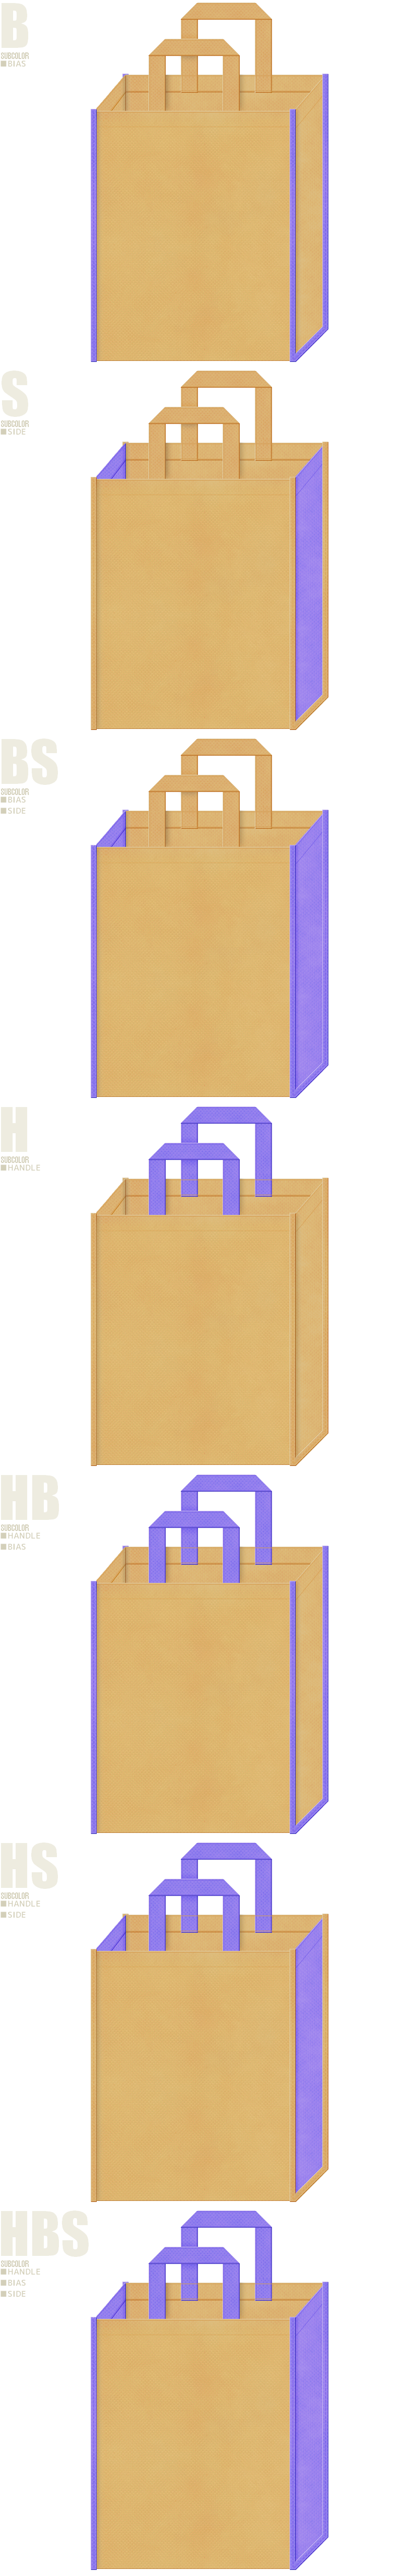 不織布バッグのデザイン:薄黄土色と薄紫色の配色7パターン